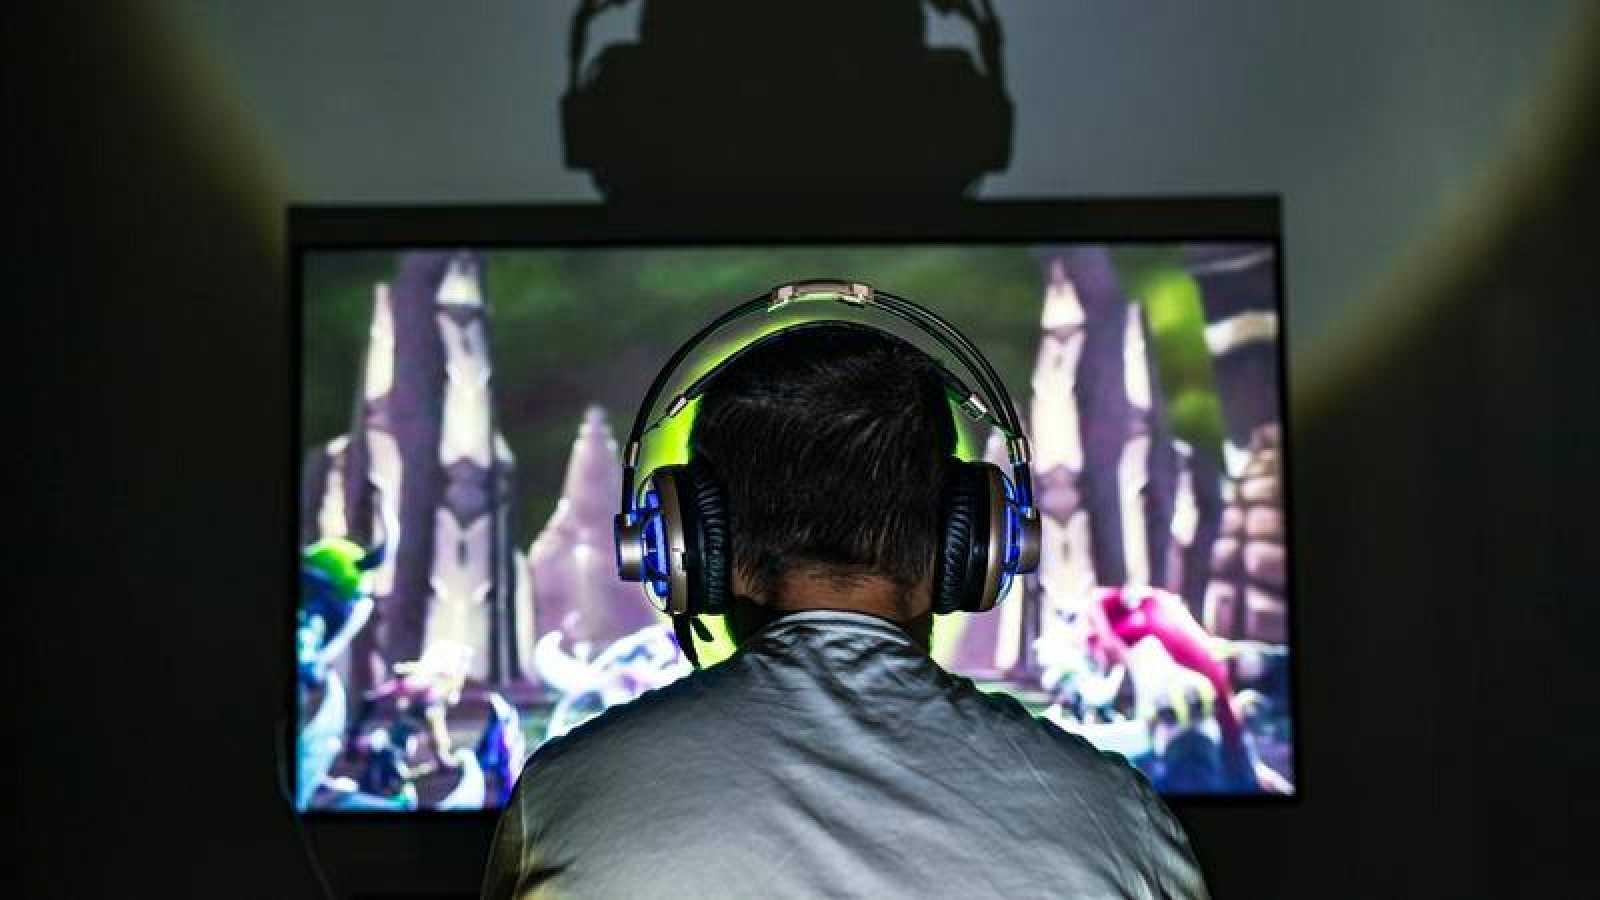 La industria de videojuego lidera el sector de ocio audiovisual en España, significativamente más que el cine y la música juntos.